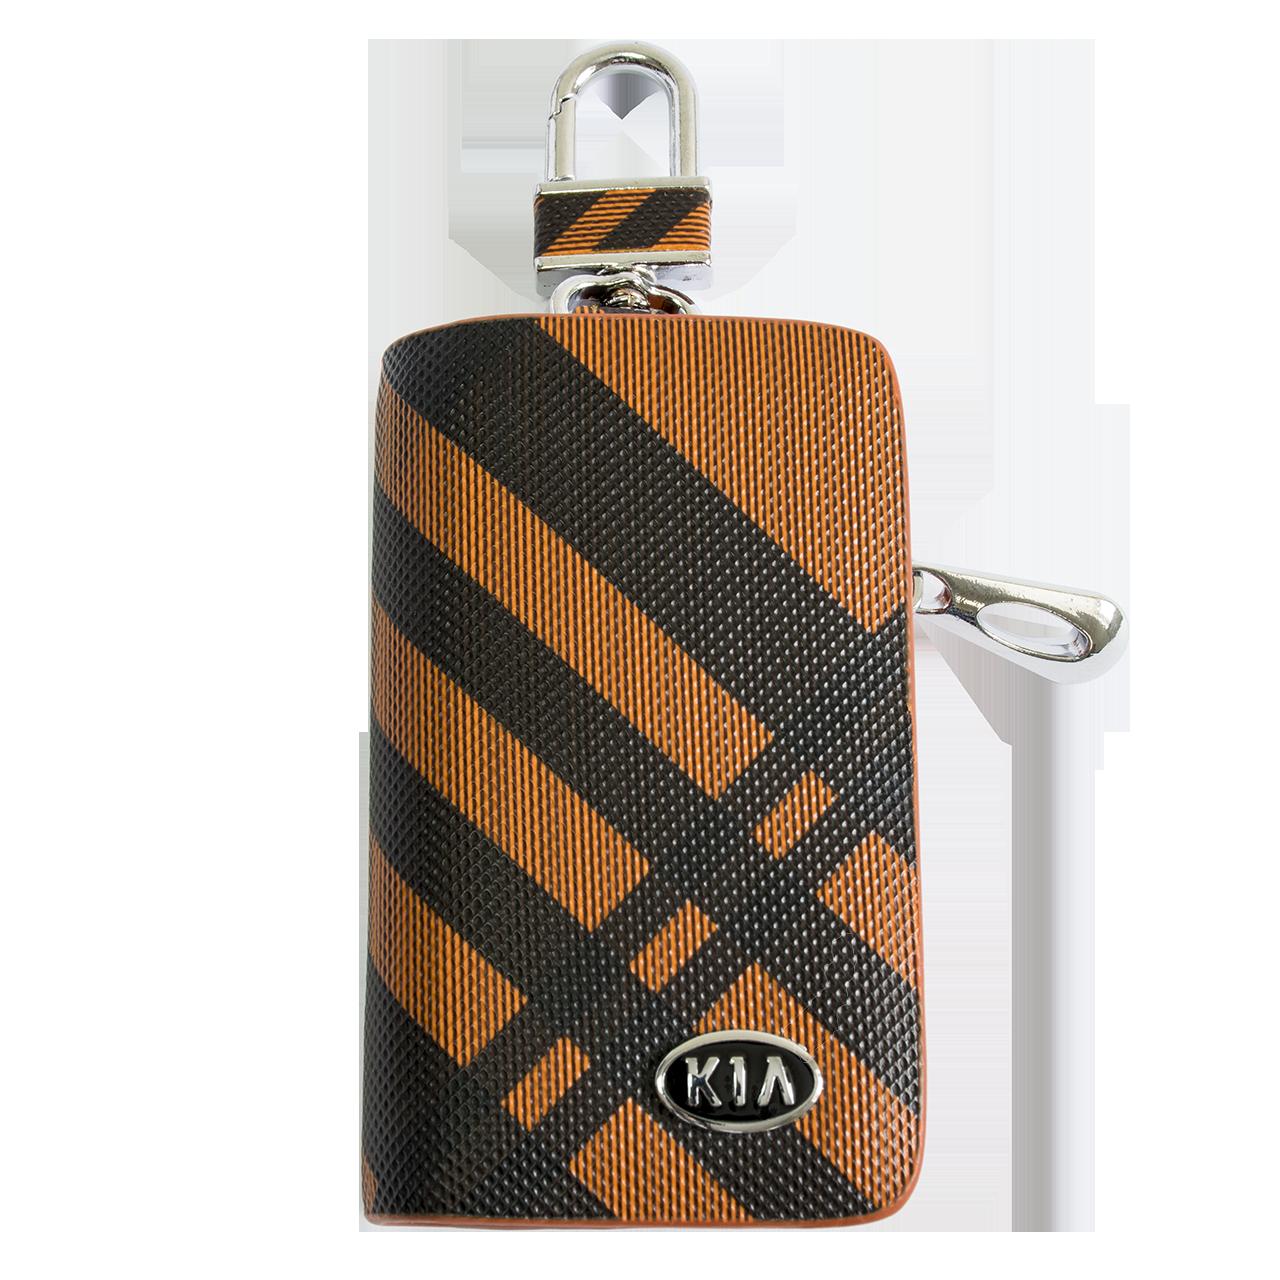 Ключница Carss с логотипом KIA 05014 карбон коричневый